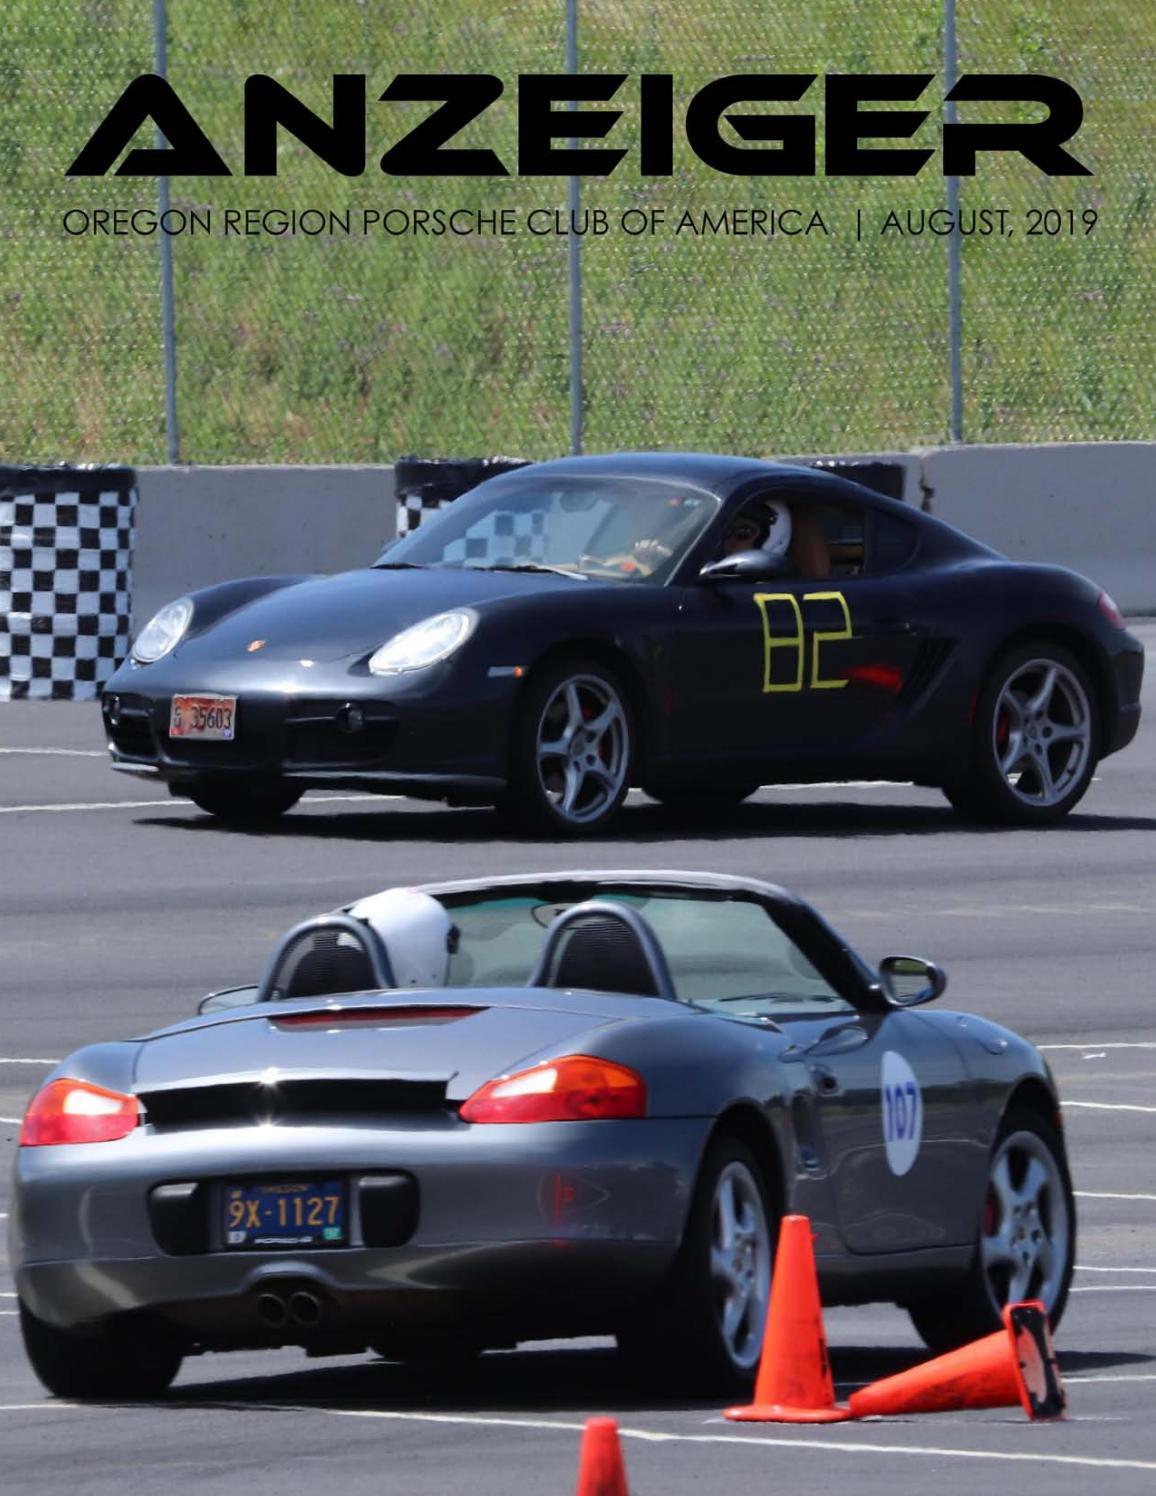 August 2019 Anzeiger by Oregon Region Porsche Club of